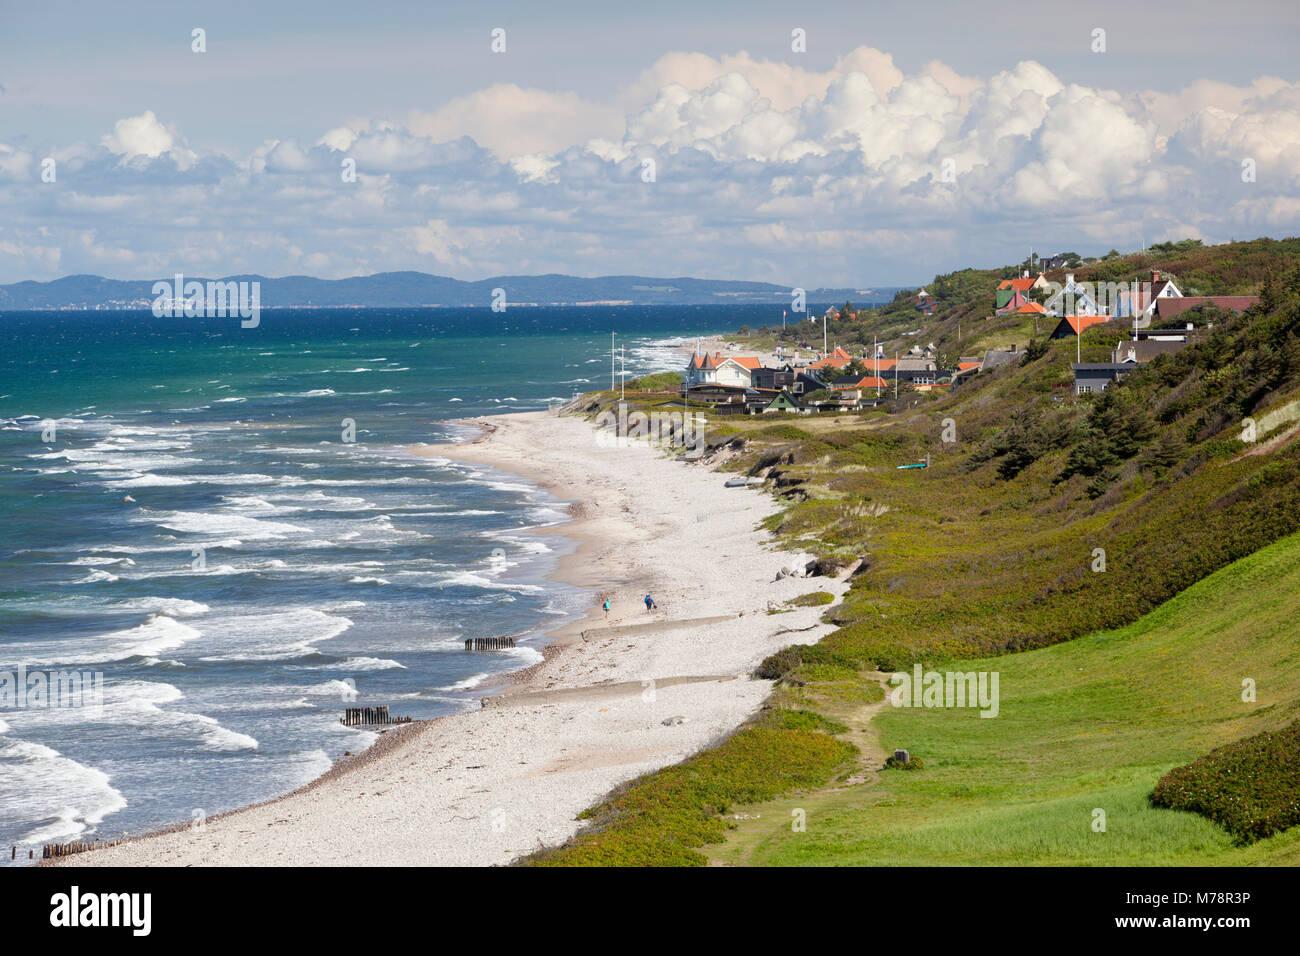 Vue sur Rageleje Strand Beach avec littoral suédois dans la distance, Rageleje, le Kattegat, la Nouvelle-Zélande, Photo Stock